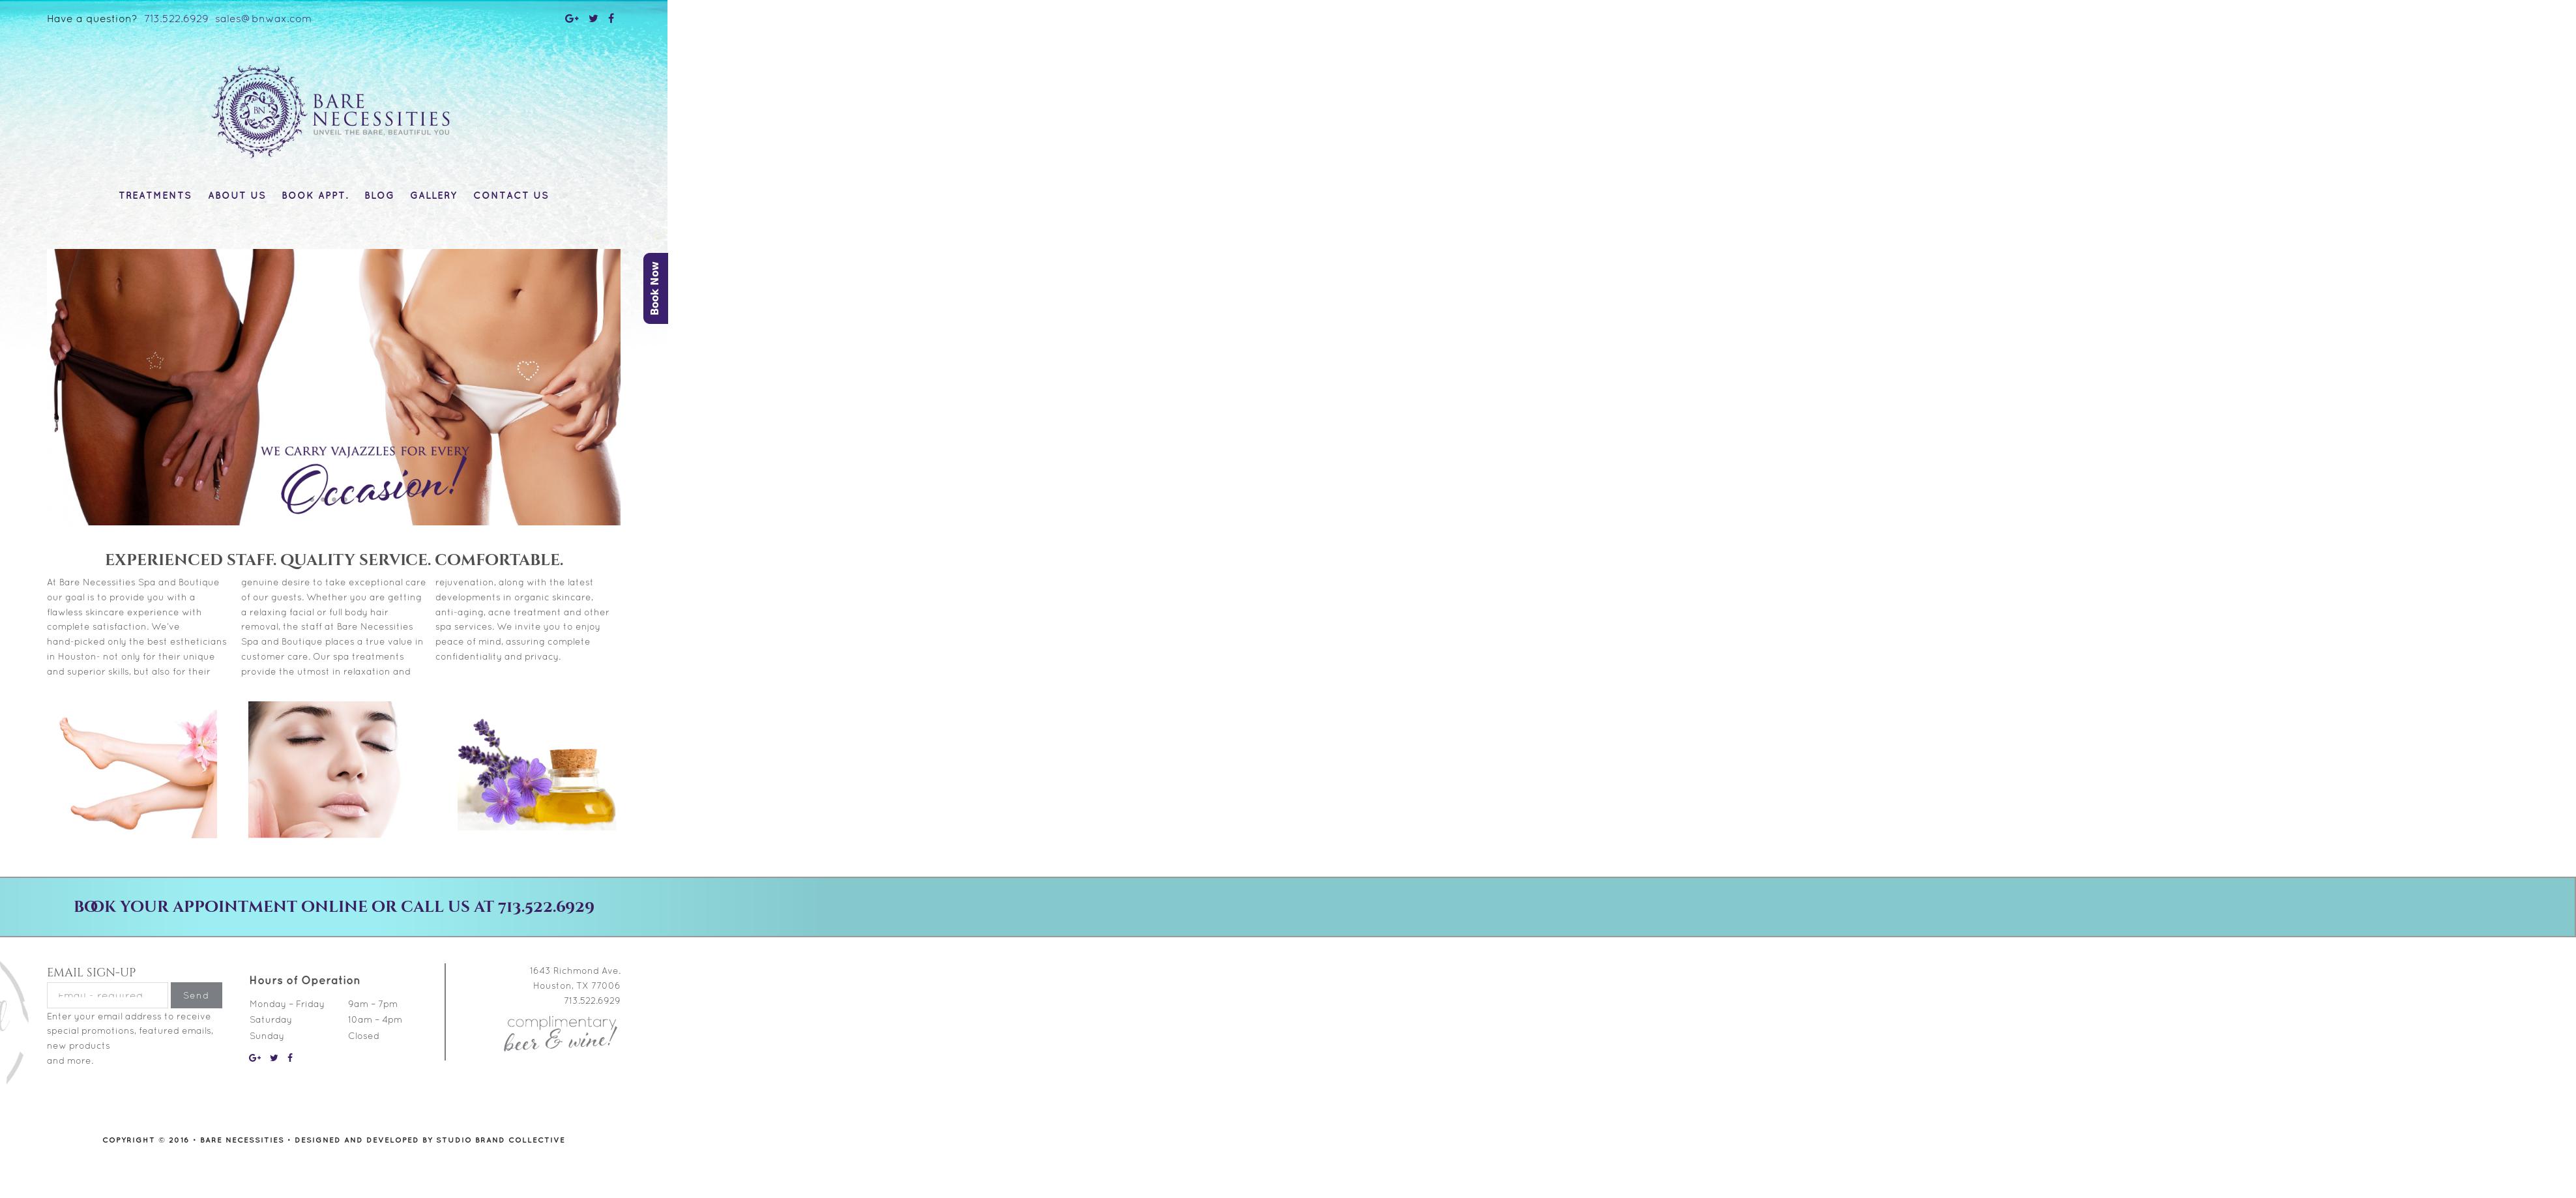 134969b4e34 Bare Necessities Spa & Boutique Competitors, Revenue and Employees - Owler  Company Profile